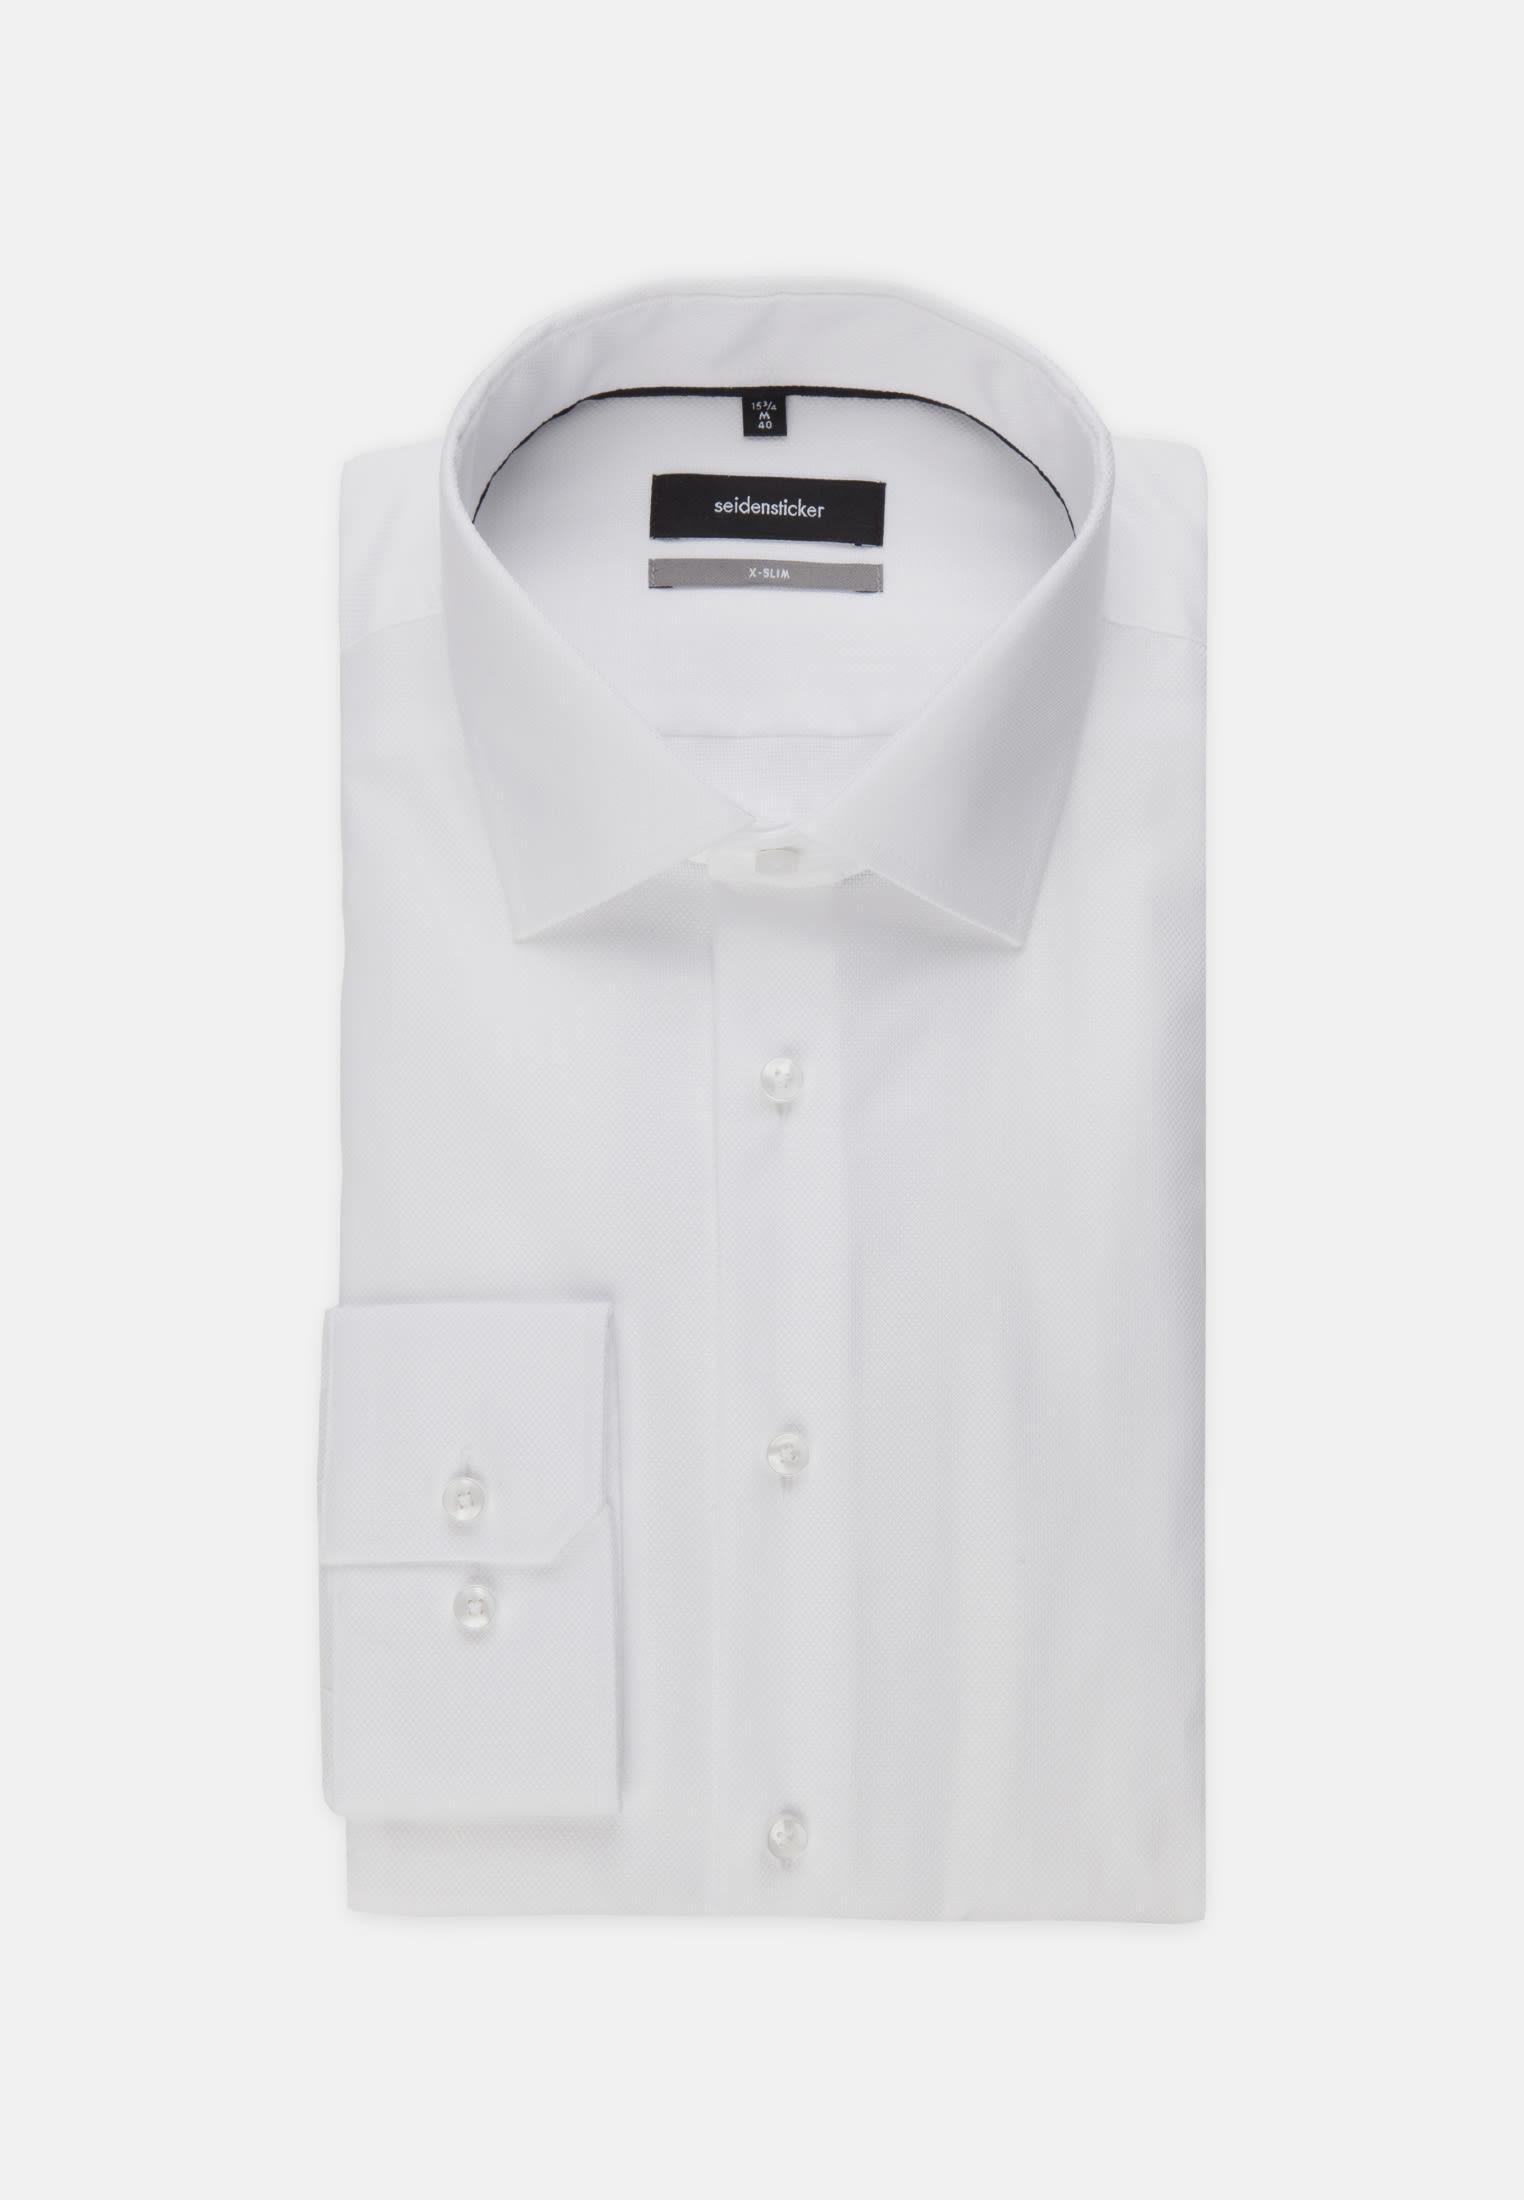 Seidensticker X Slim Hemden bei